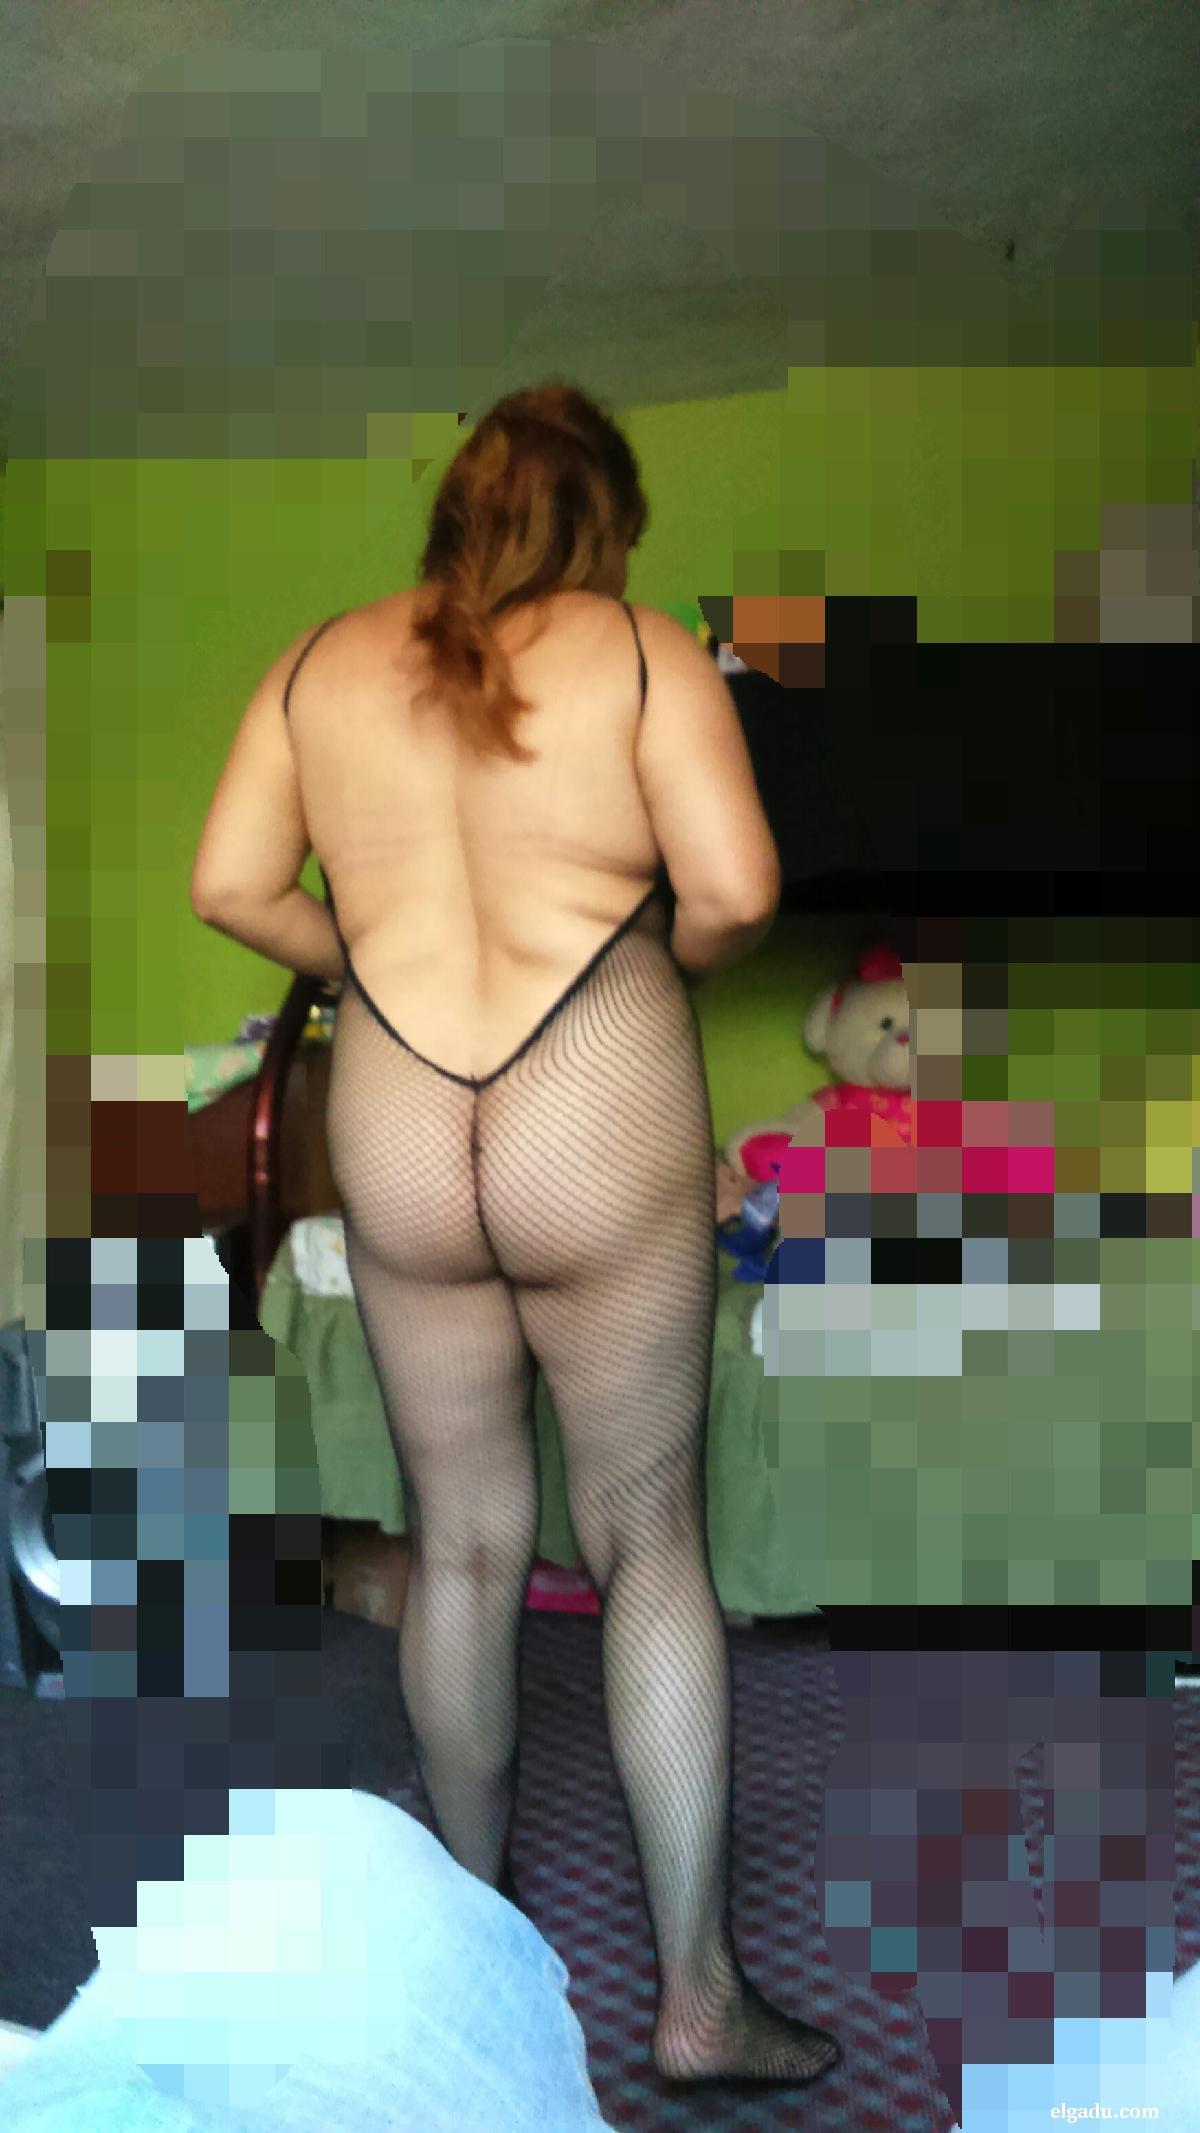 prostitutas carretera prostitutas skype